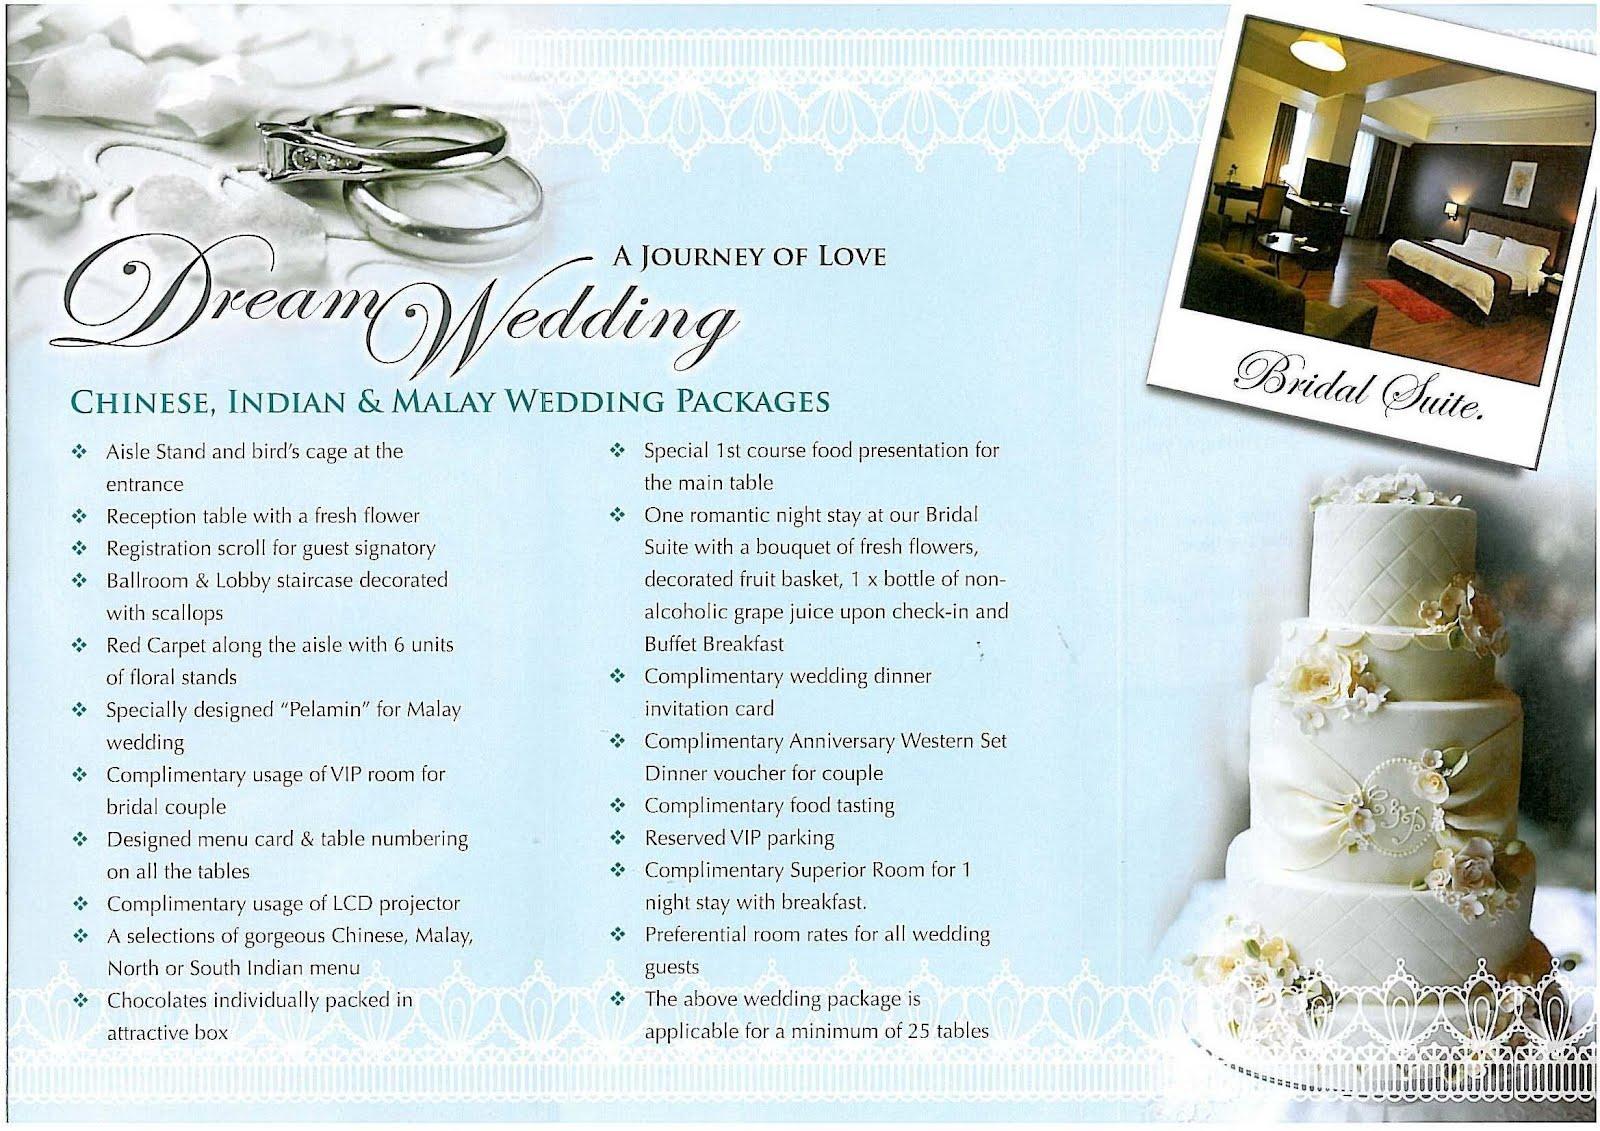 Crown casino honeymoon packages